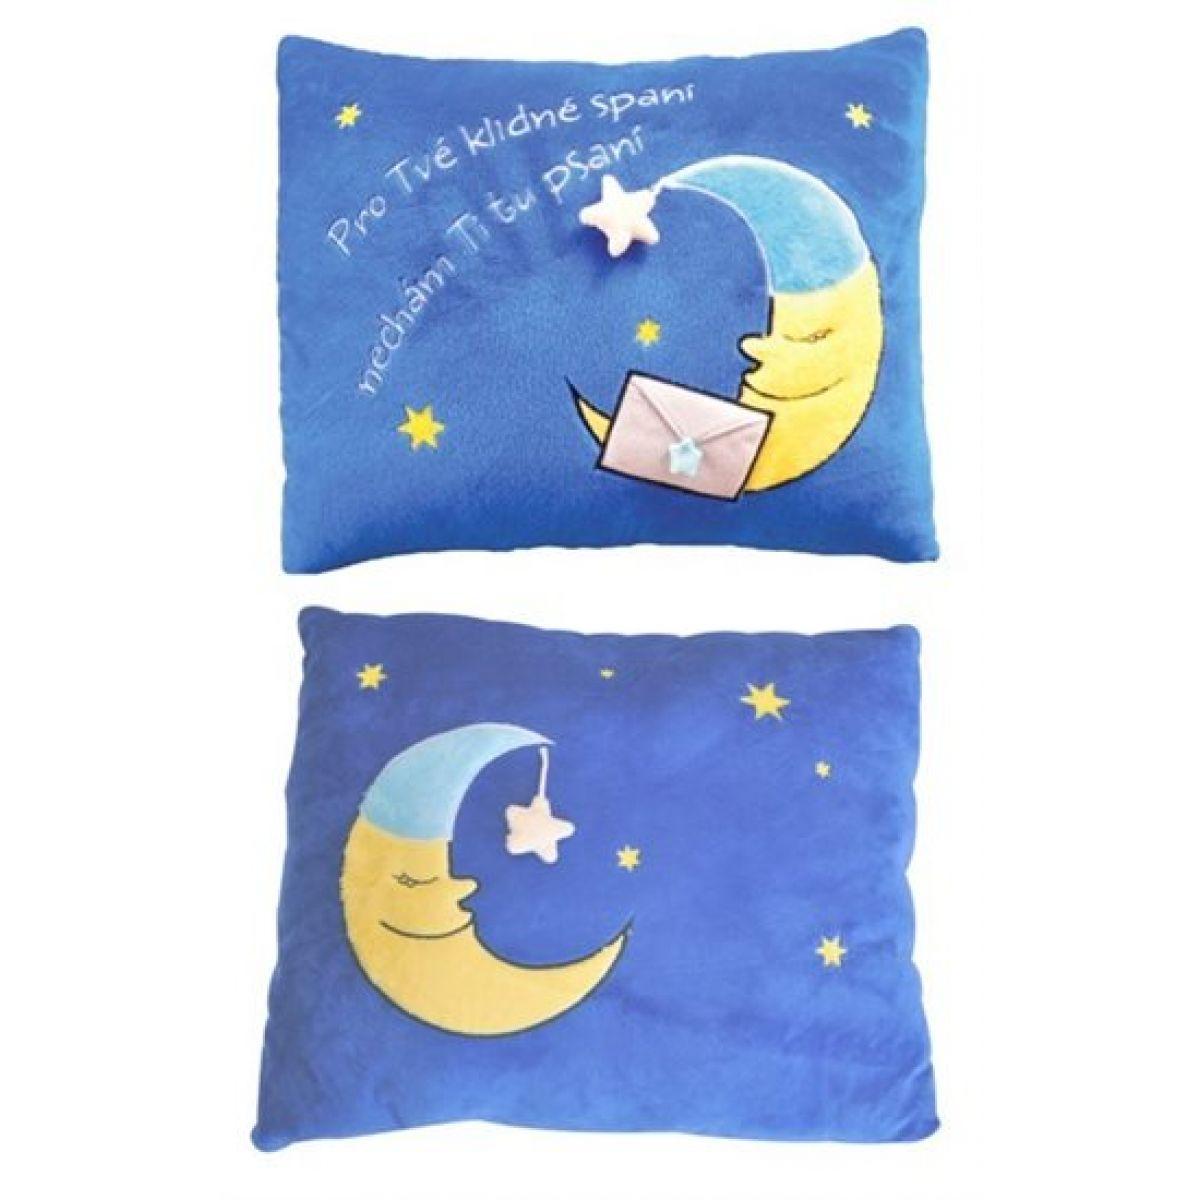 Albi Plyšový polštář humorný - Měsíc 42x33cm